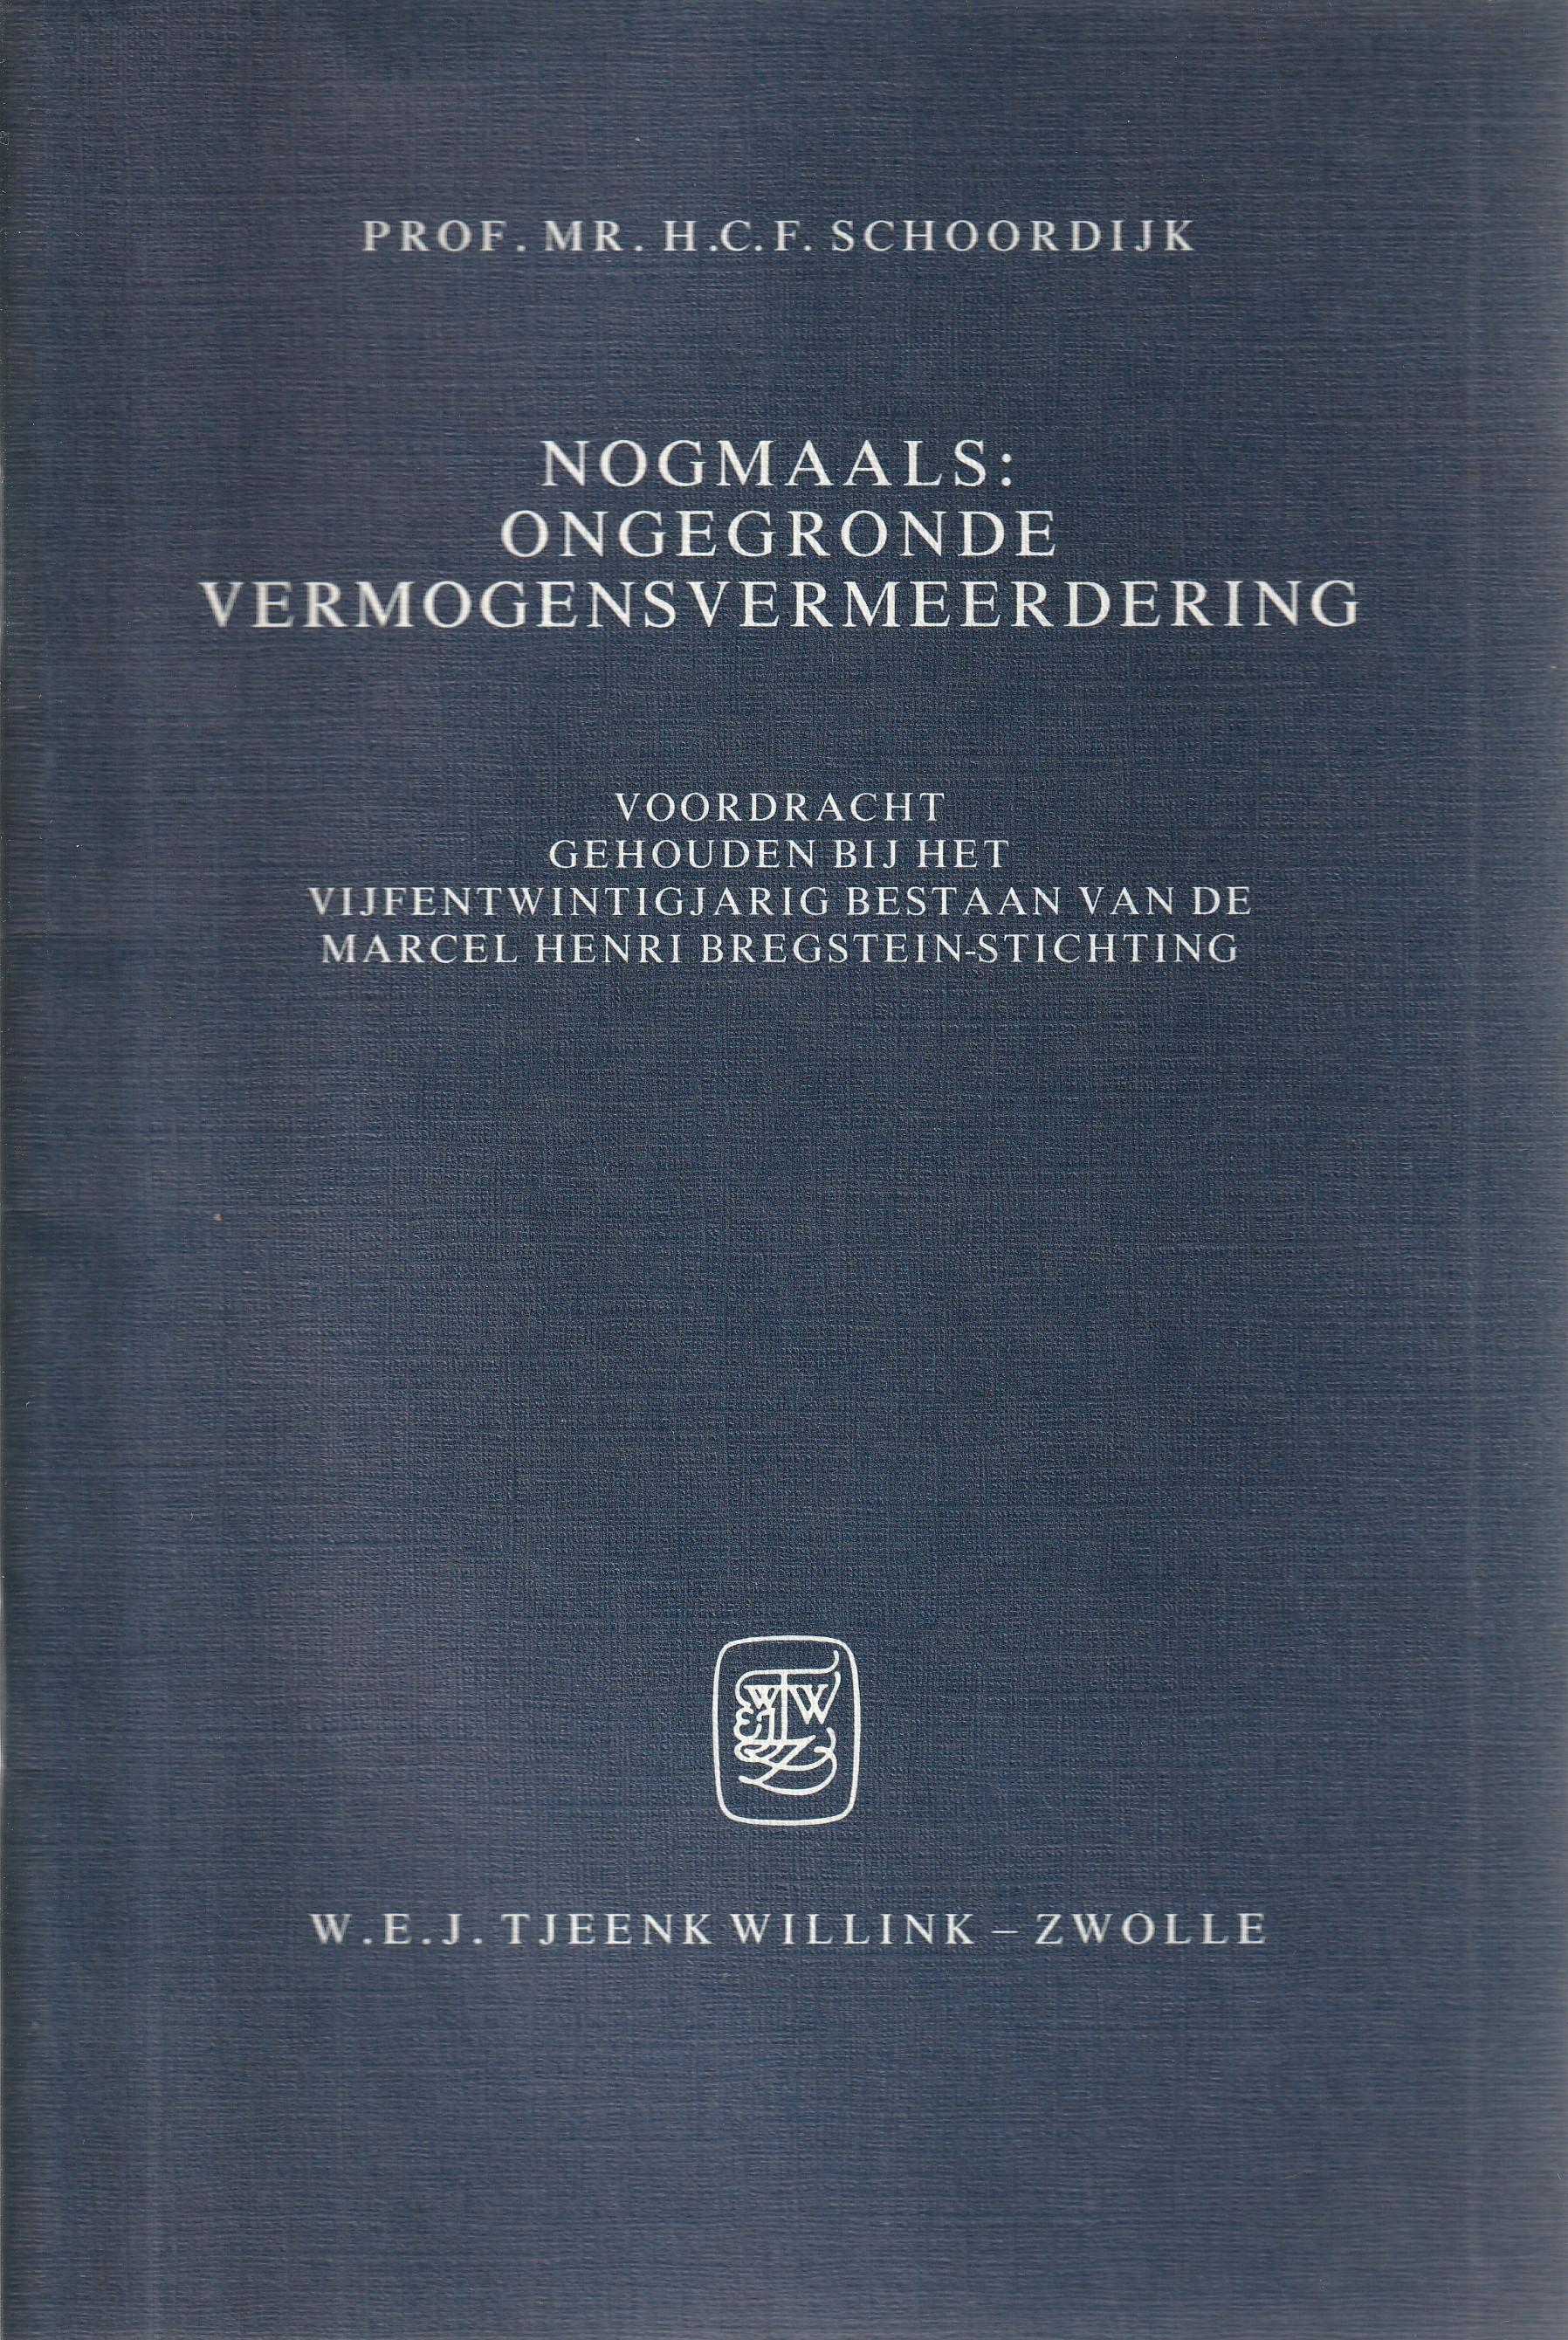 Nogmaals: ongegronde vermogensvermeerdering - Rede 1986